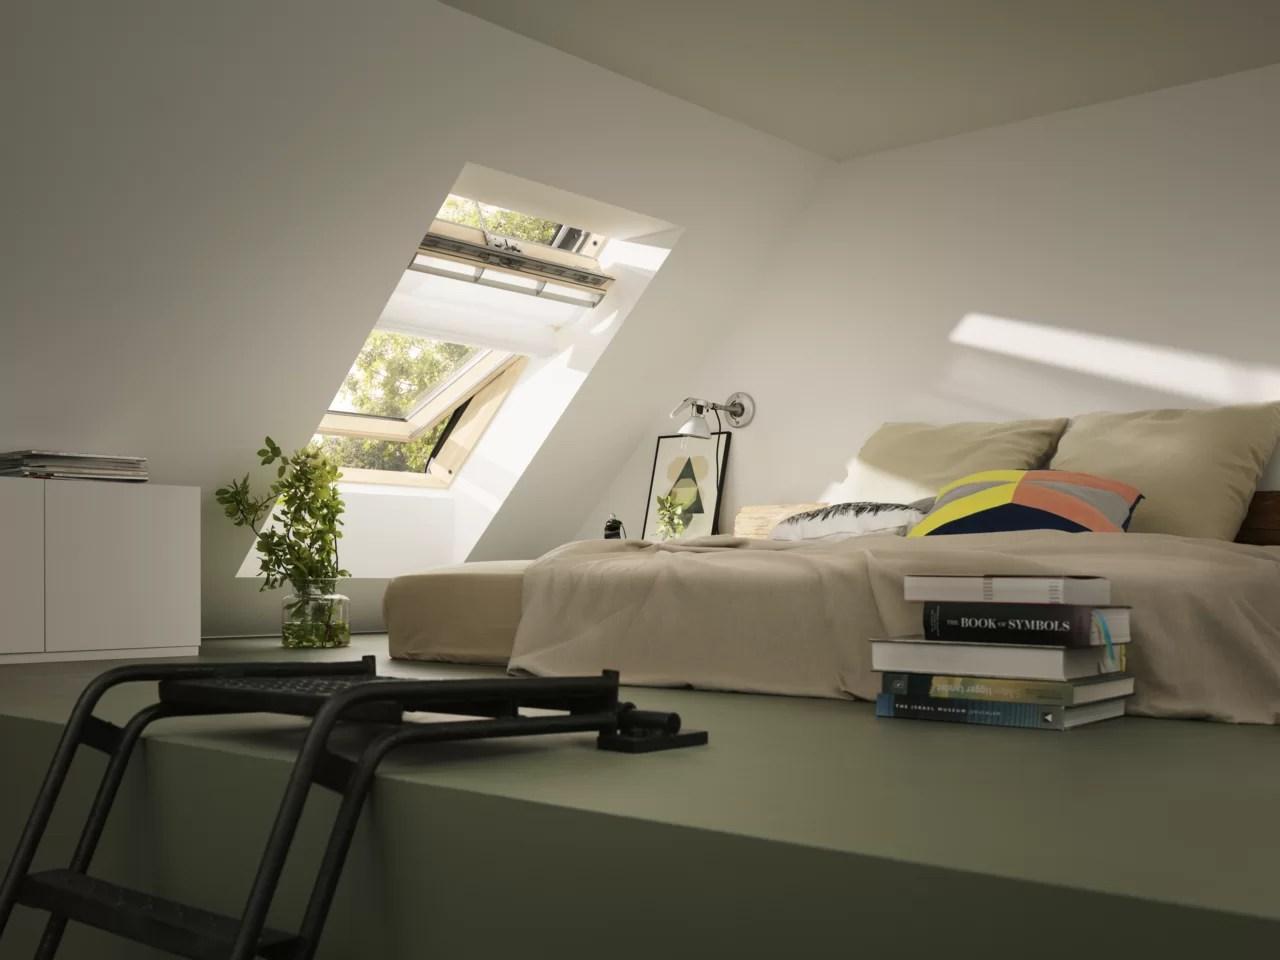 Arredare una camera da letto in mansarda significa creare uno spazio romantico e accogliente per. Come Arredare Una Camera Da Letto In Mansarda Mansarda It